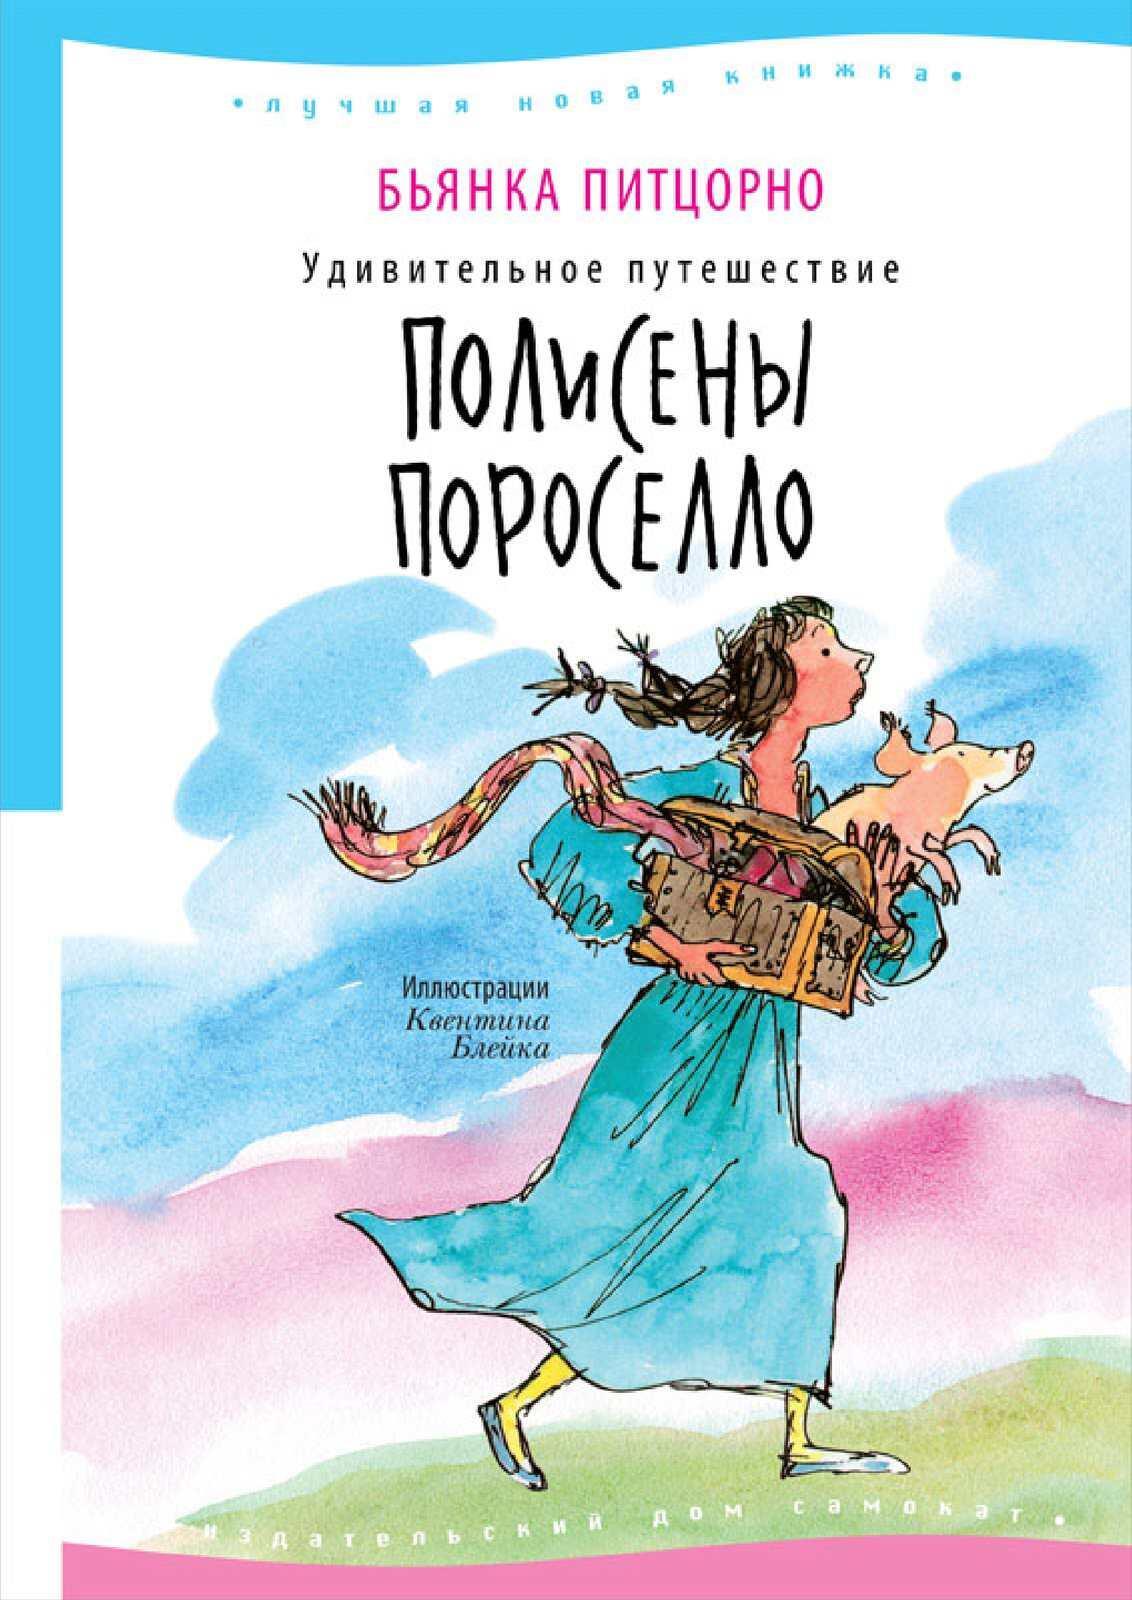 О книге Бьянки Питцорно «Удивительное путешествие Полисены Пороселло»